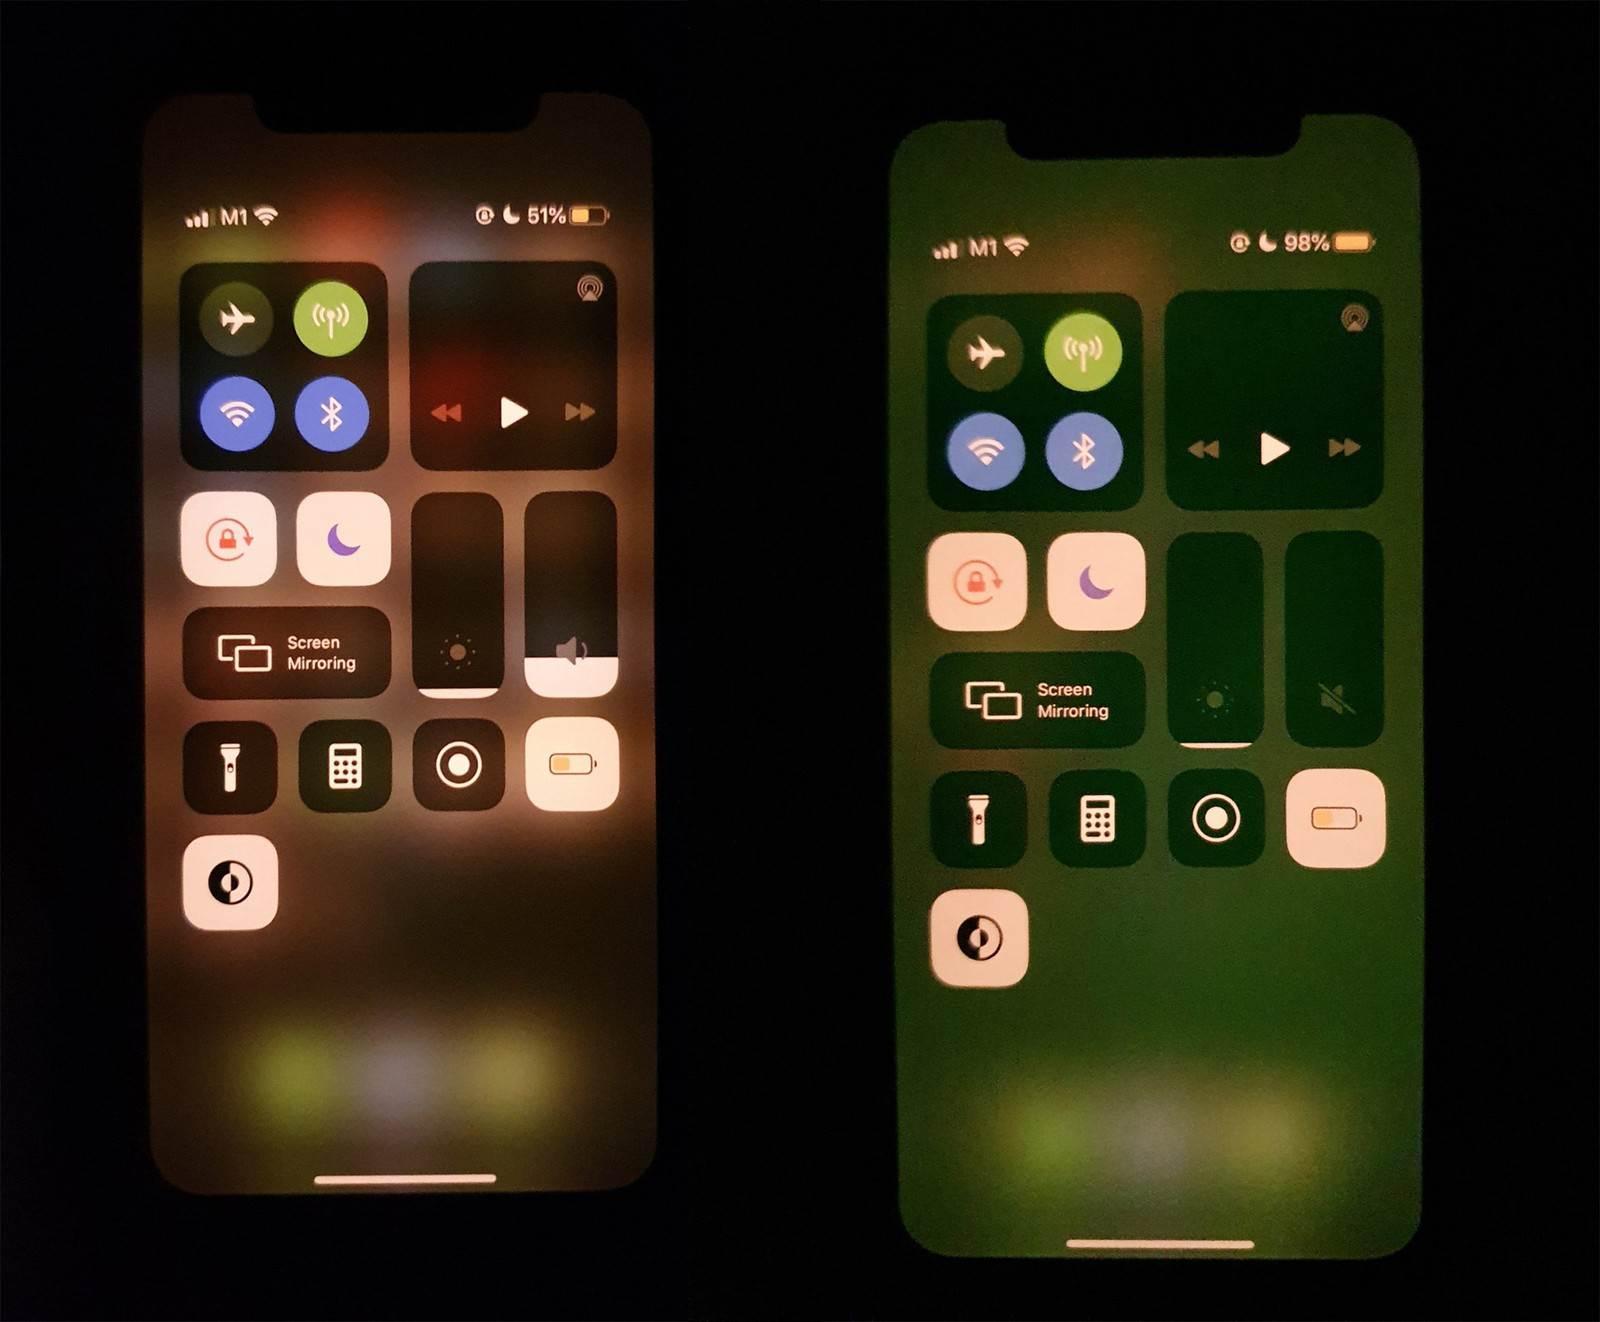 Zielony ekran po odblokowaniu iPhone. Problem sprzętowy czy błąd oprogramowania? polecane, ciekawostki zielony odcień ekranu, zielony ekran, iPhone 11 Pro, iPhone 11  Niektórzy właściciele iPhone 11, iPhone 11 Pro a także iPhone 11 Pro Max mają nowy problem. Ich ekran zaraz po odblokowaniu jest zielony. iPhone11 zielony ekran